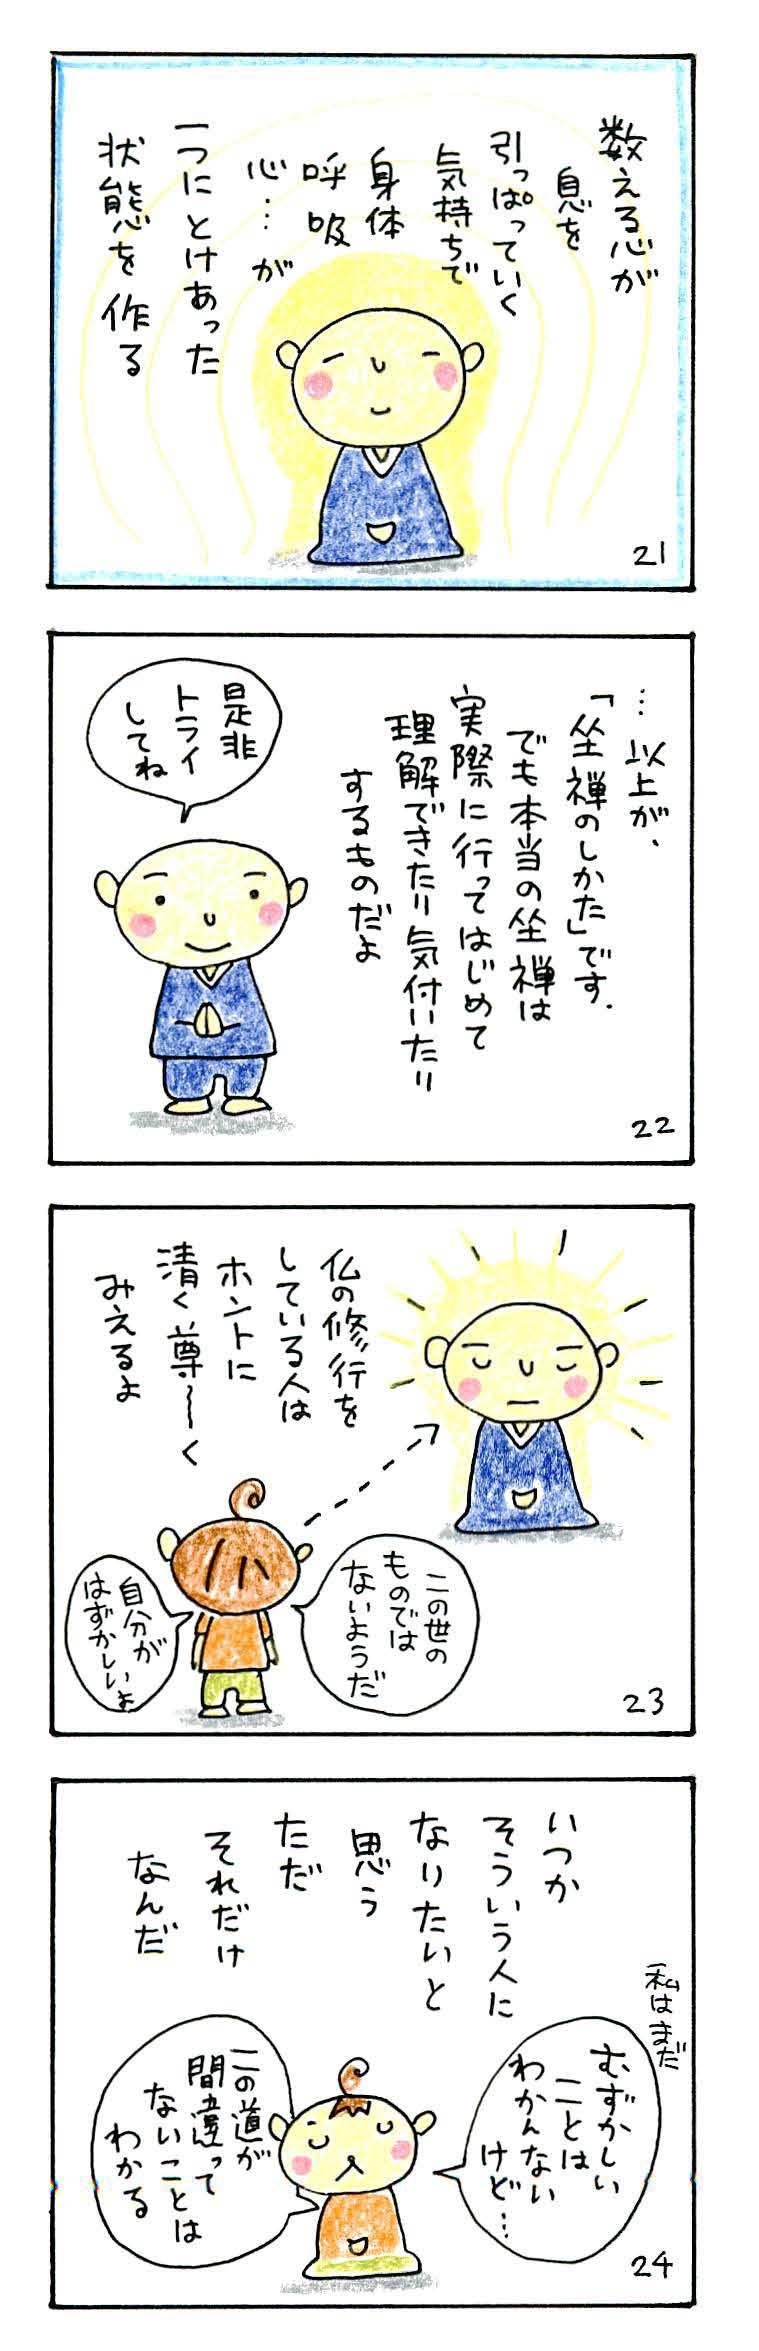 第5話 Let'座禅 「座禅の仕方」p21-p24